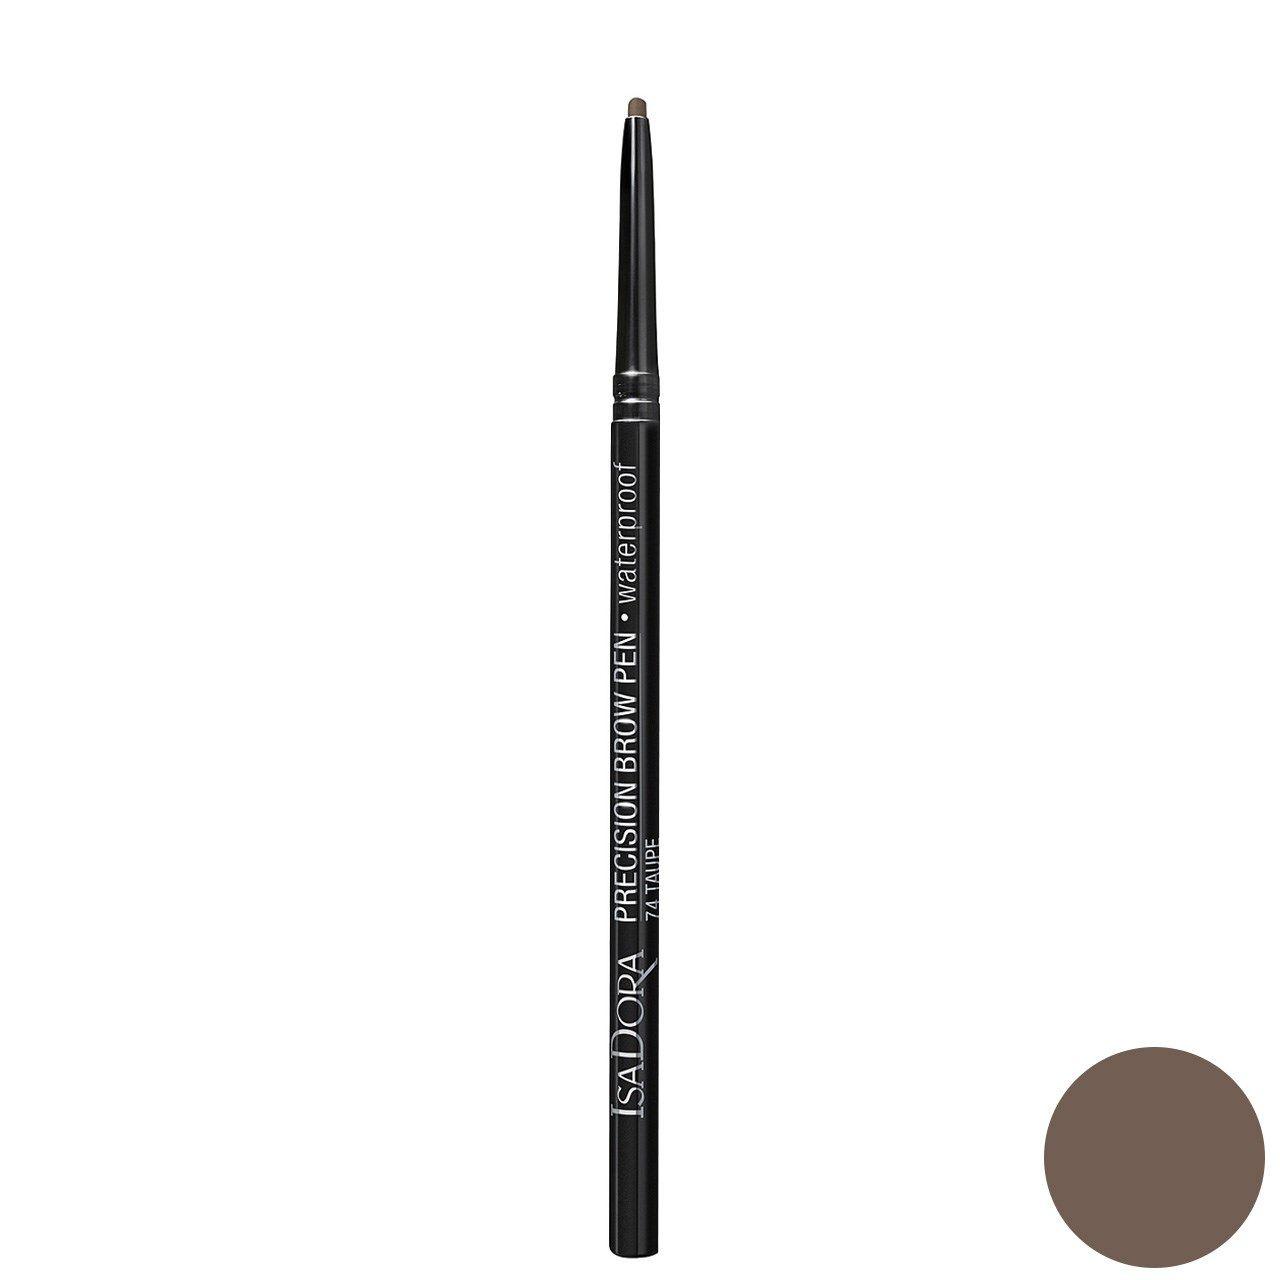 مداد ابرو ایزادورا مدل Precision Brow Pen شماره 74 -  - 1